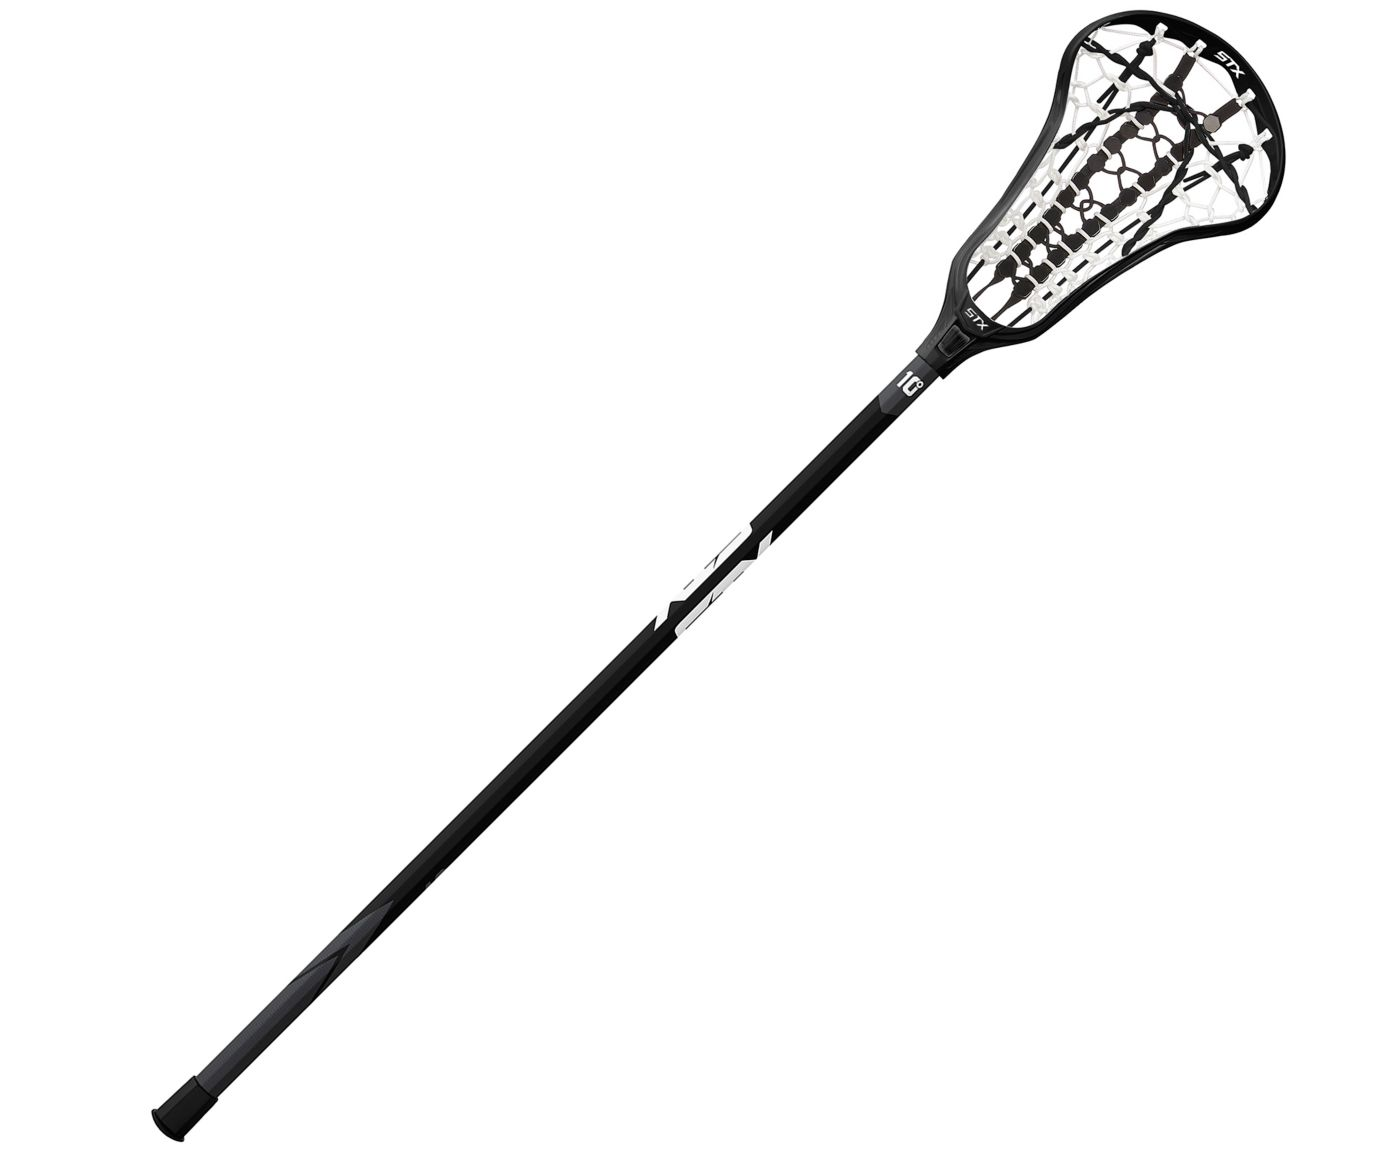 STX Women's Crux 400 on Exult 300 Complete Lacrosse Stick